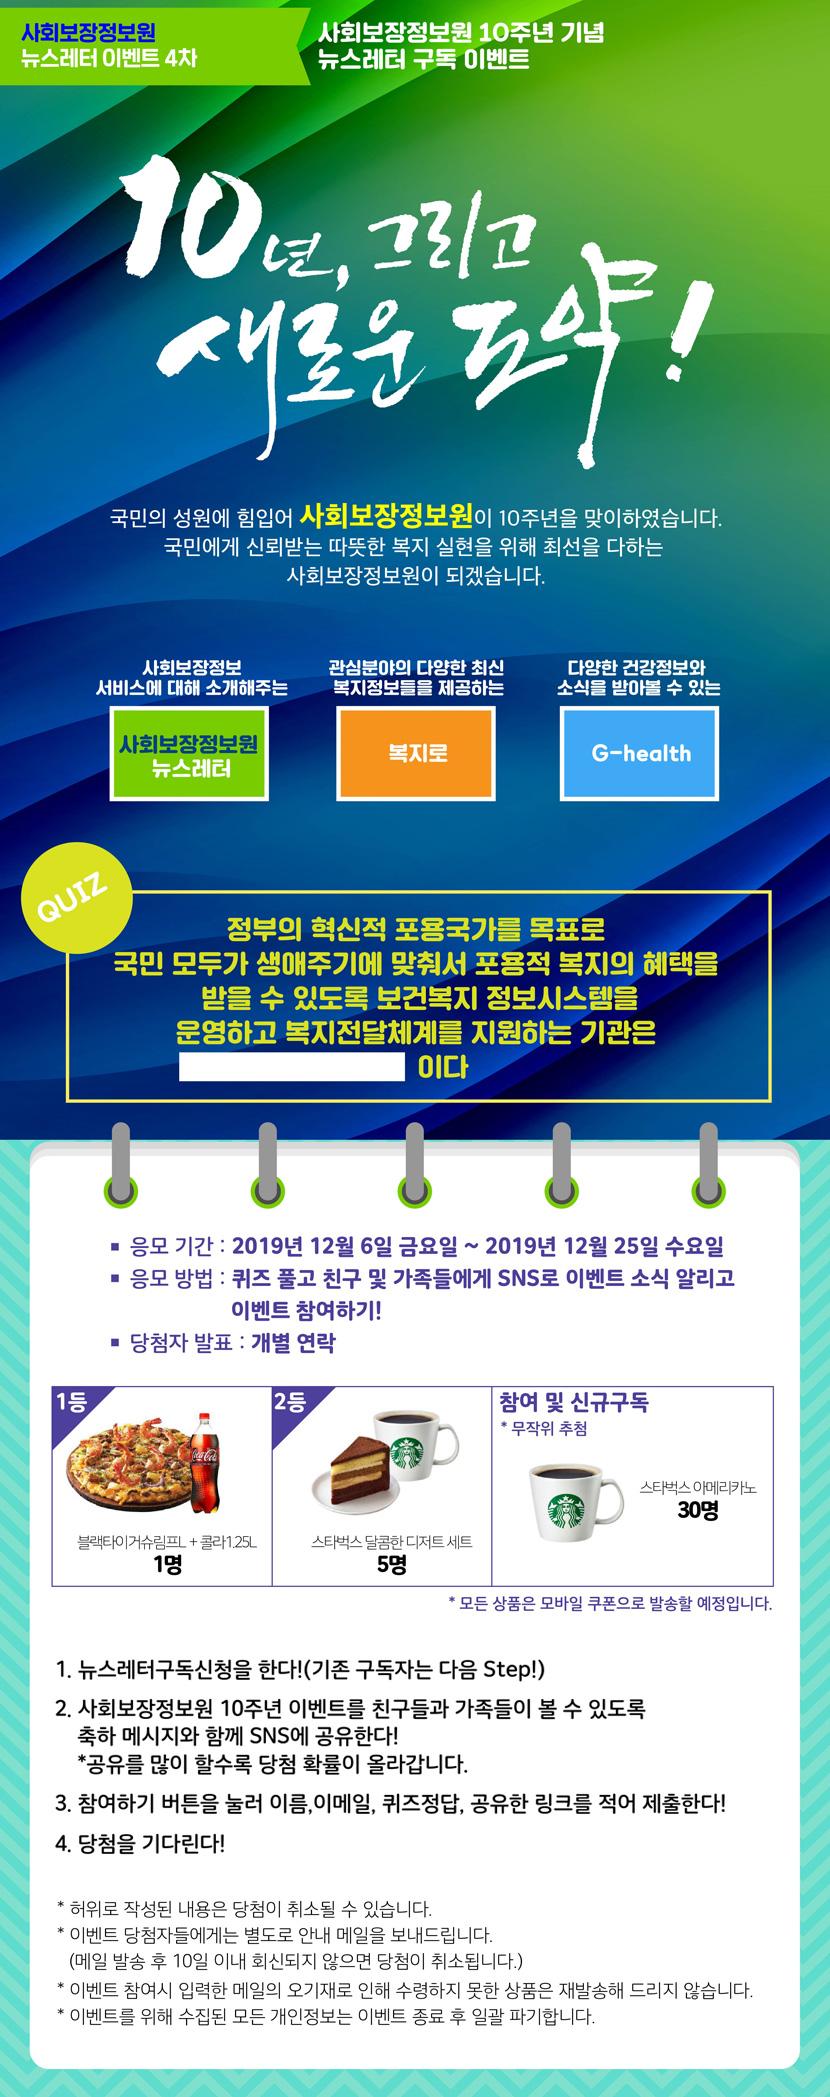 사회보장정보원 10주년 기념 뉴스레터 구독 이벤트